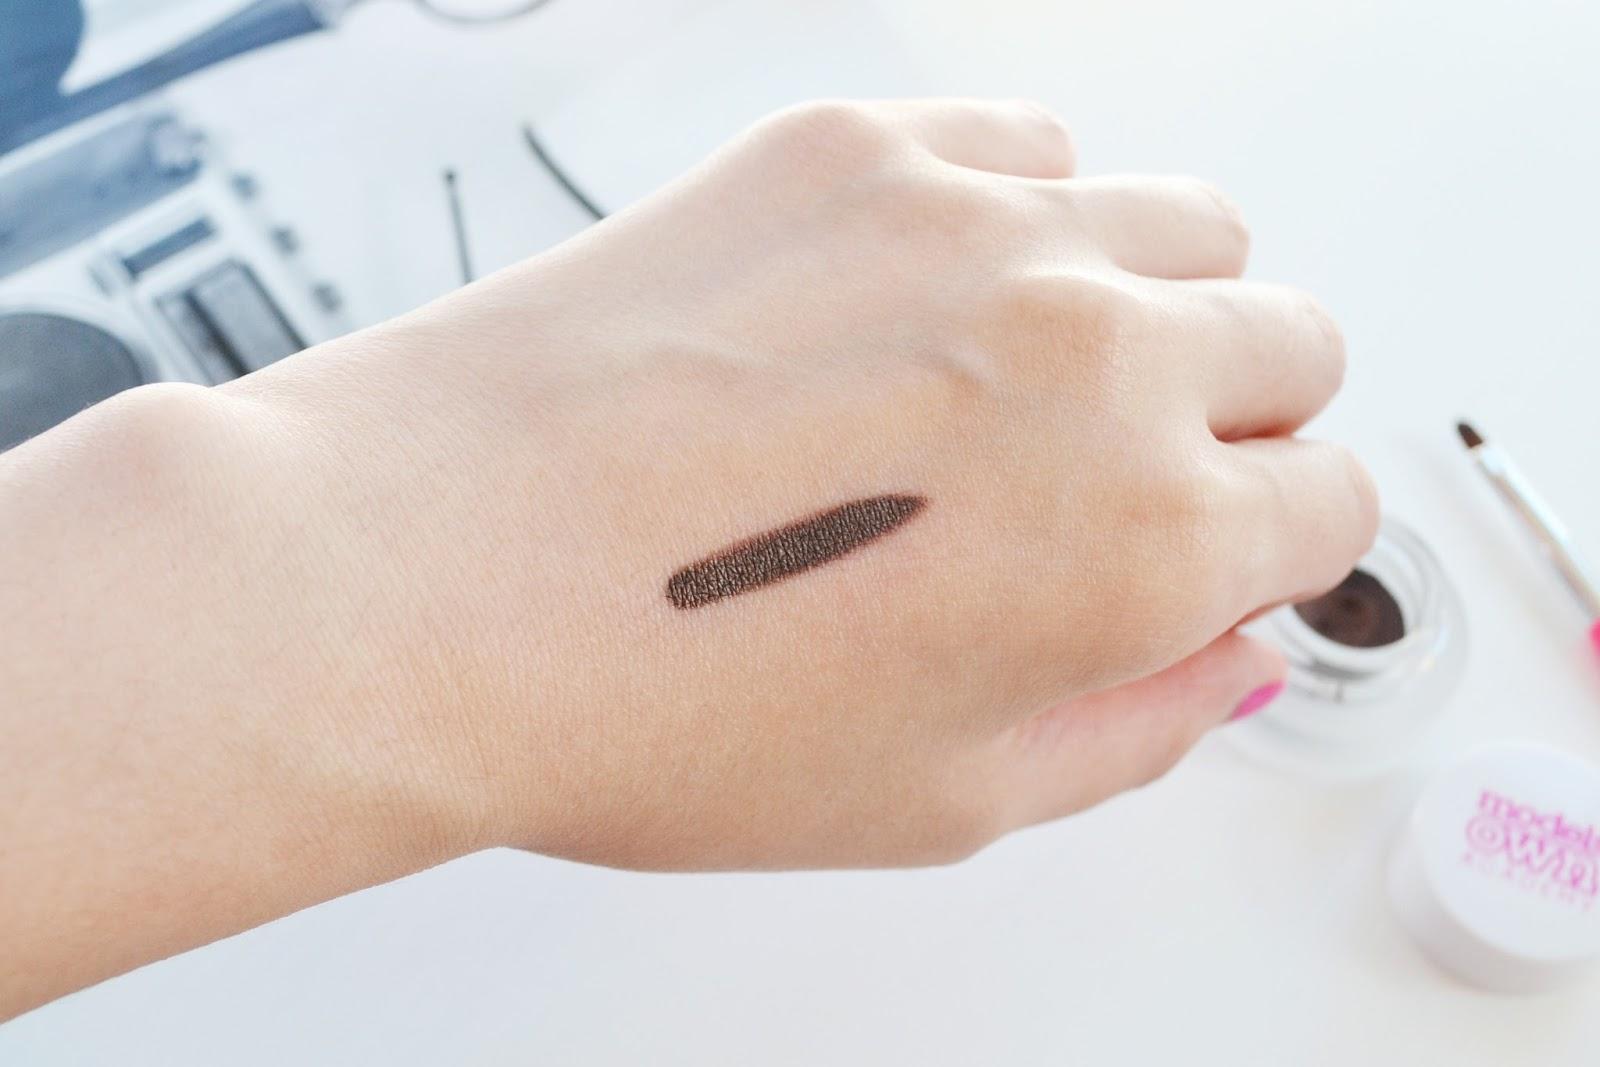 Gel eyeliner swatch in brown